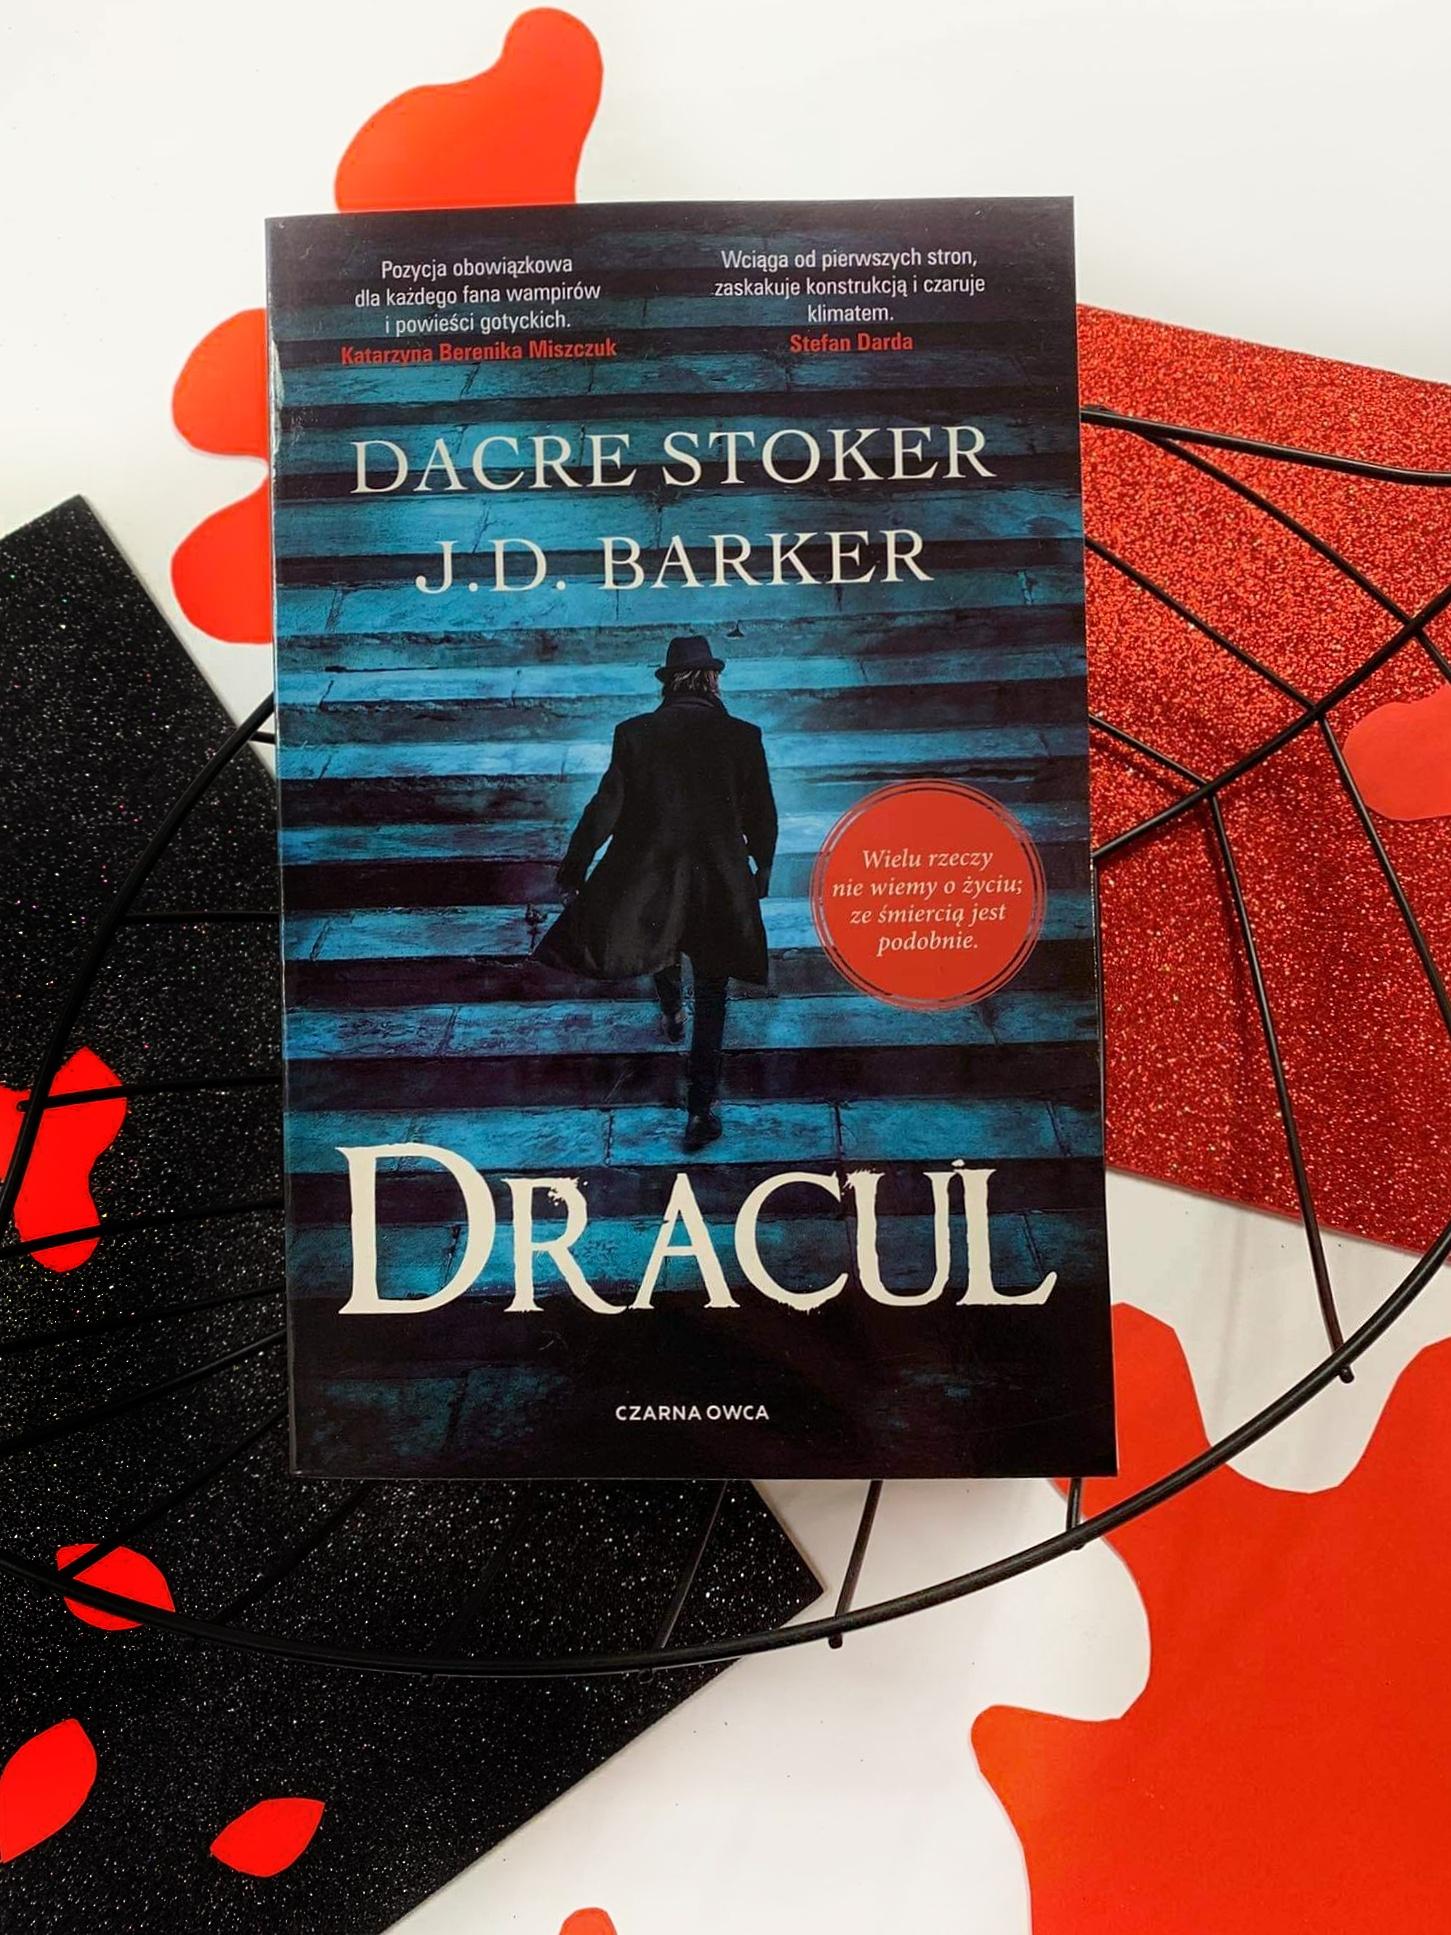 """""""Dracul"""" Dacre Stoker, J.D. Barker - recenzja - ksiegarnia Tania Książka"""